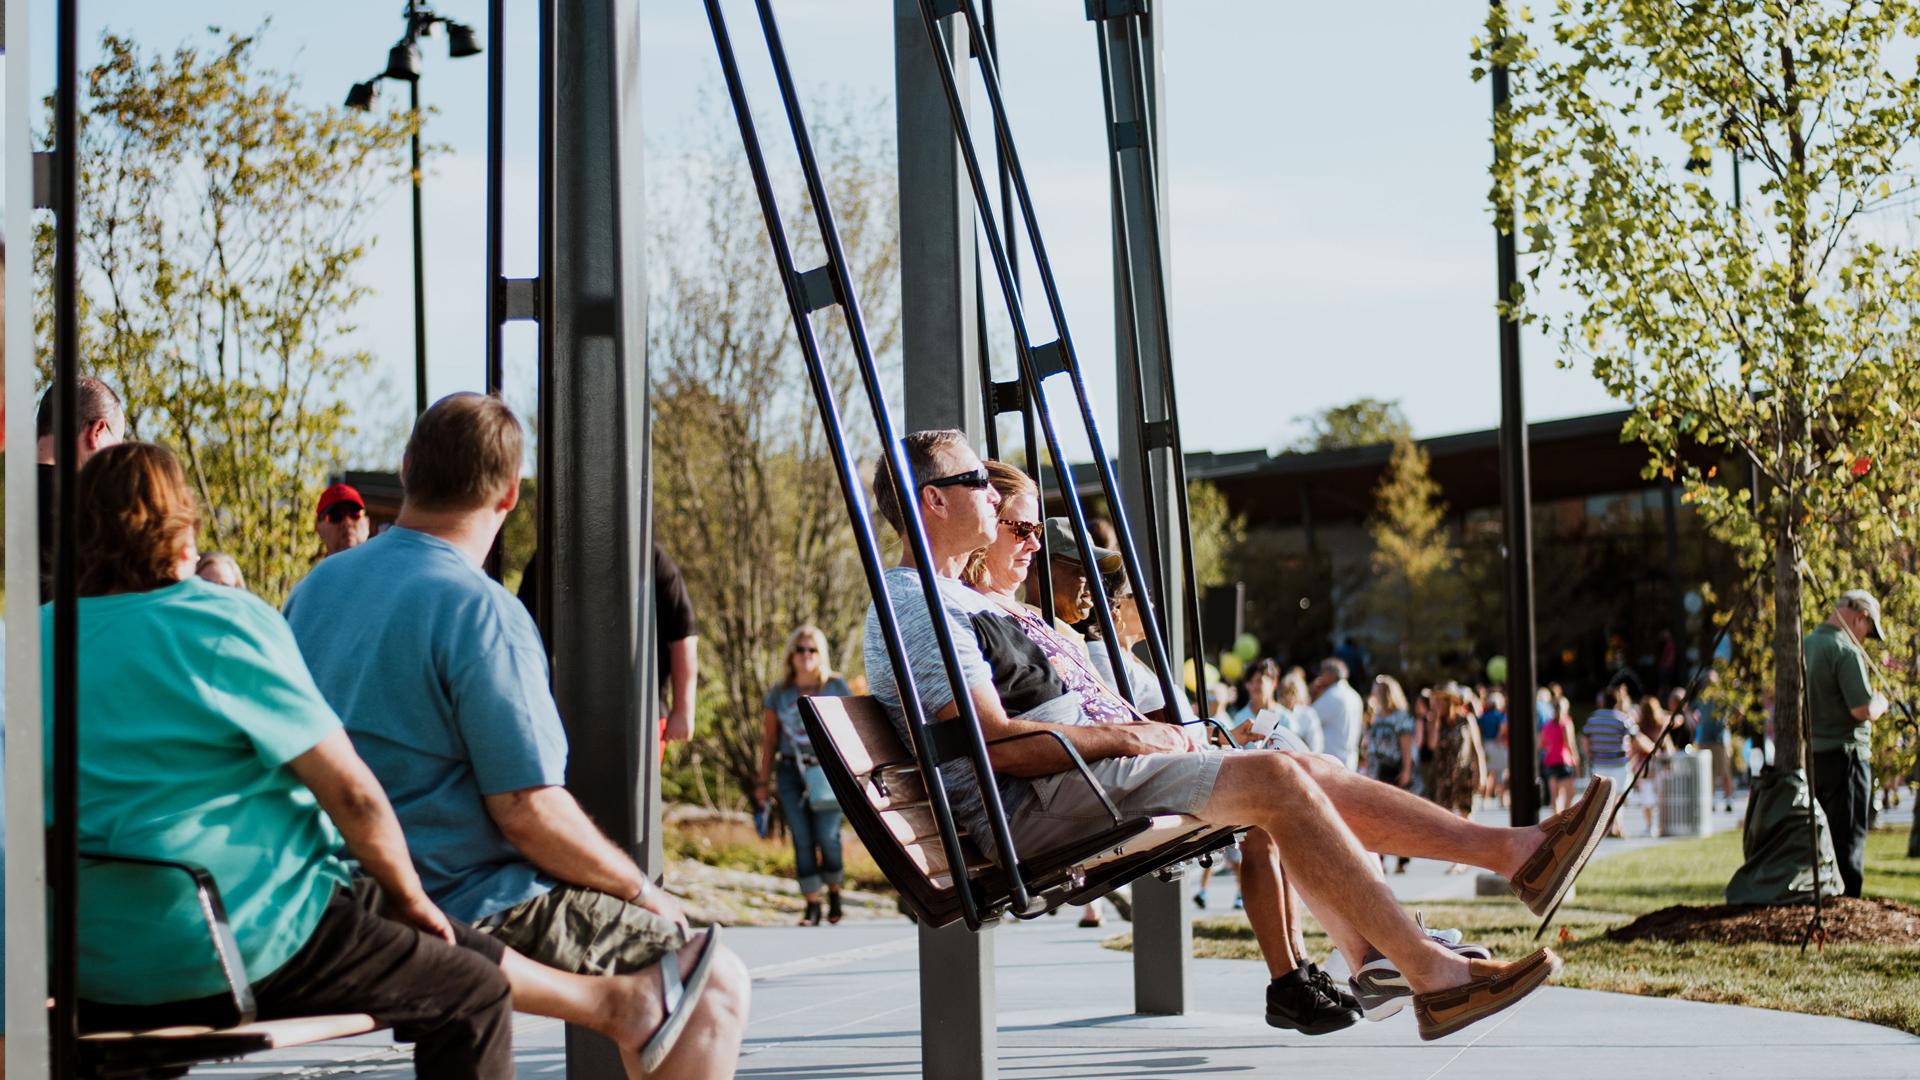 Promenade Park Swing